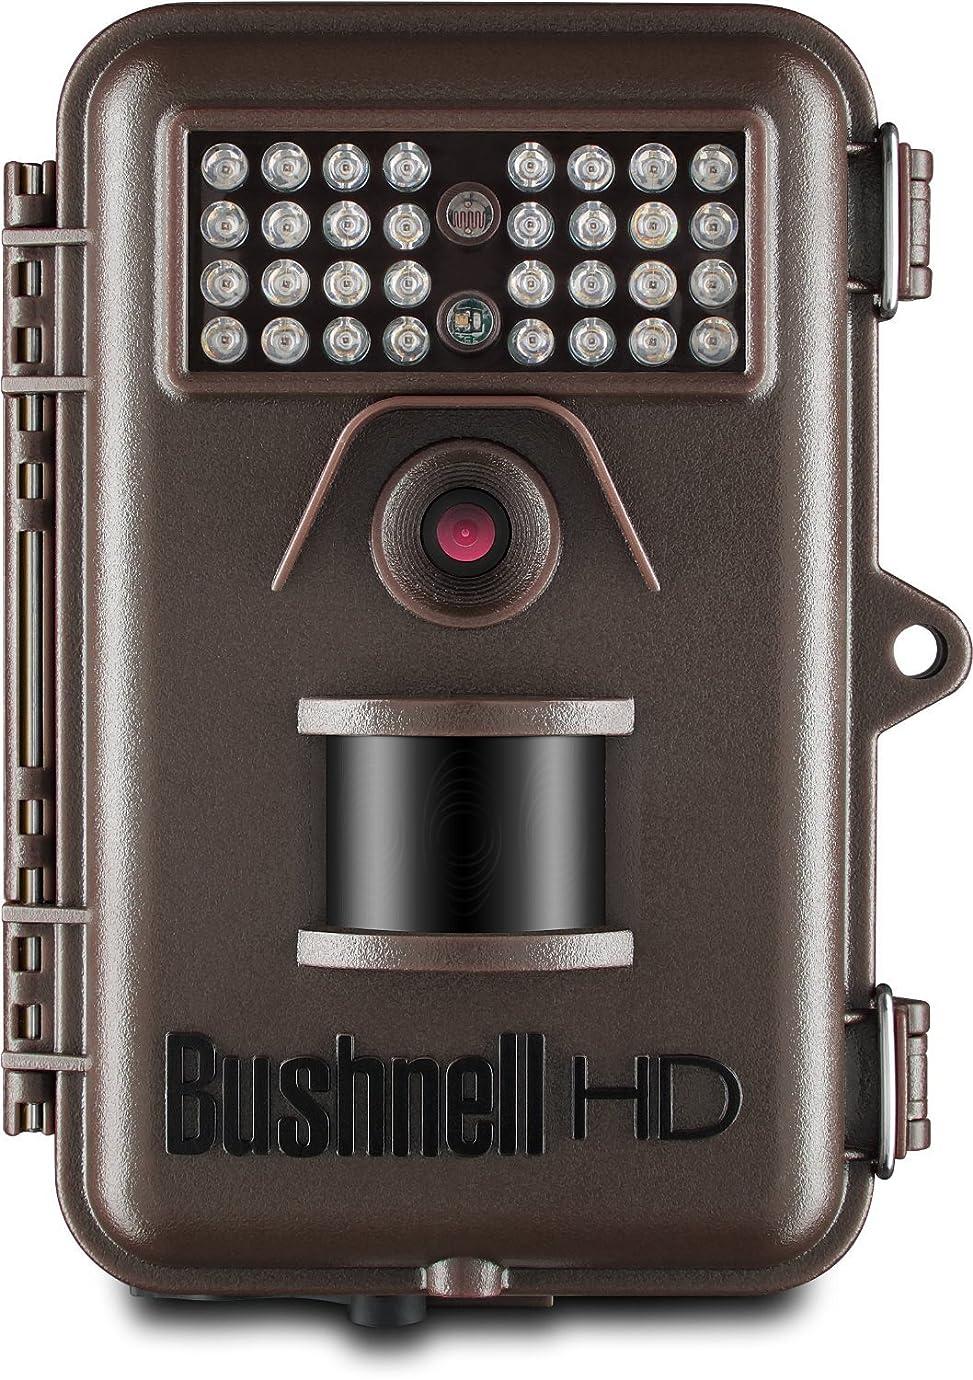 めまいニコチン免除するBushnell TROPHYCAM トレイルカメラ トロフィーカム 119736C 1200万画素 HD 動画対応 1280x720p [並行輸入品]